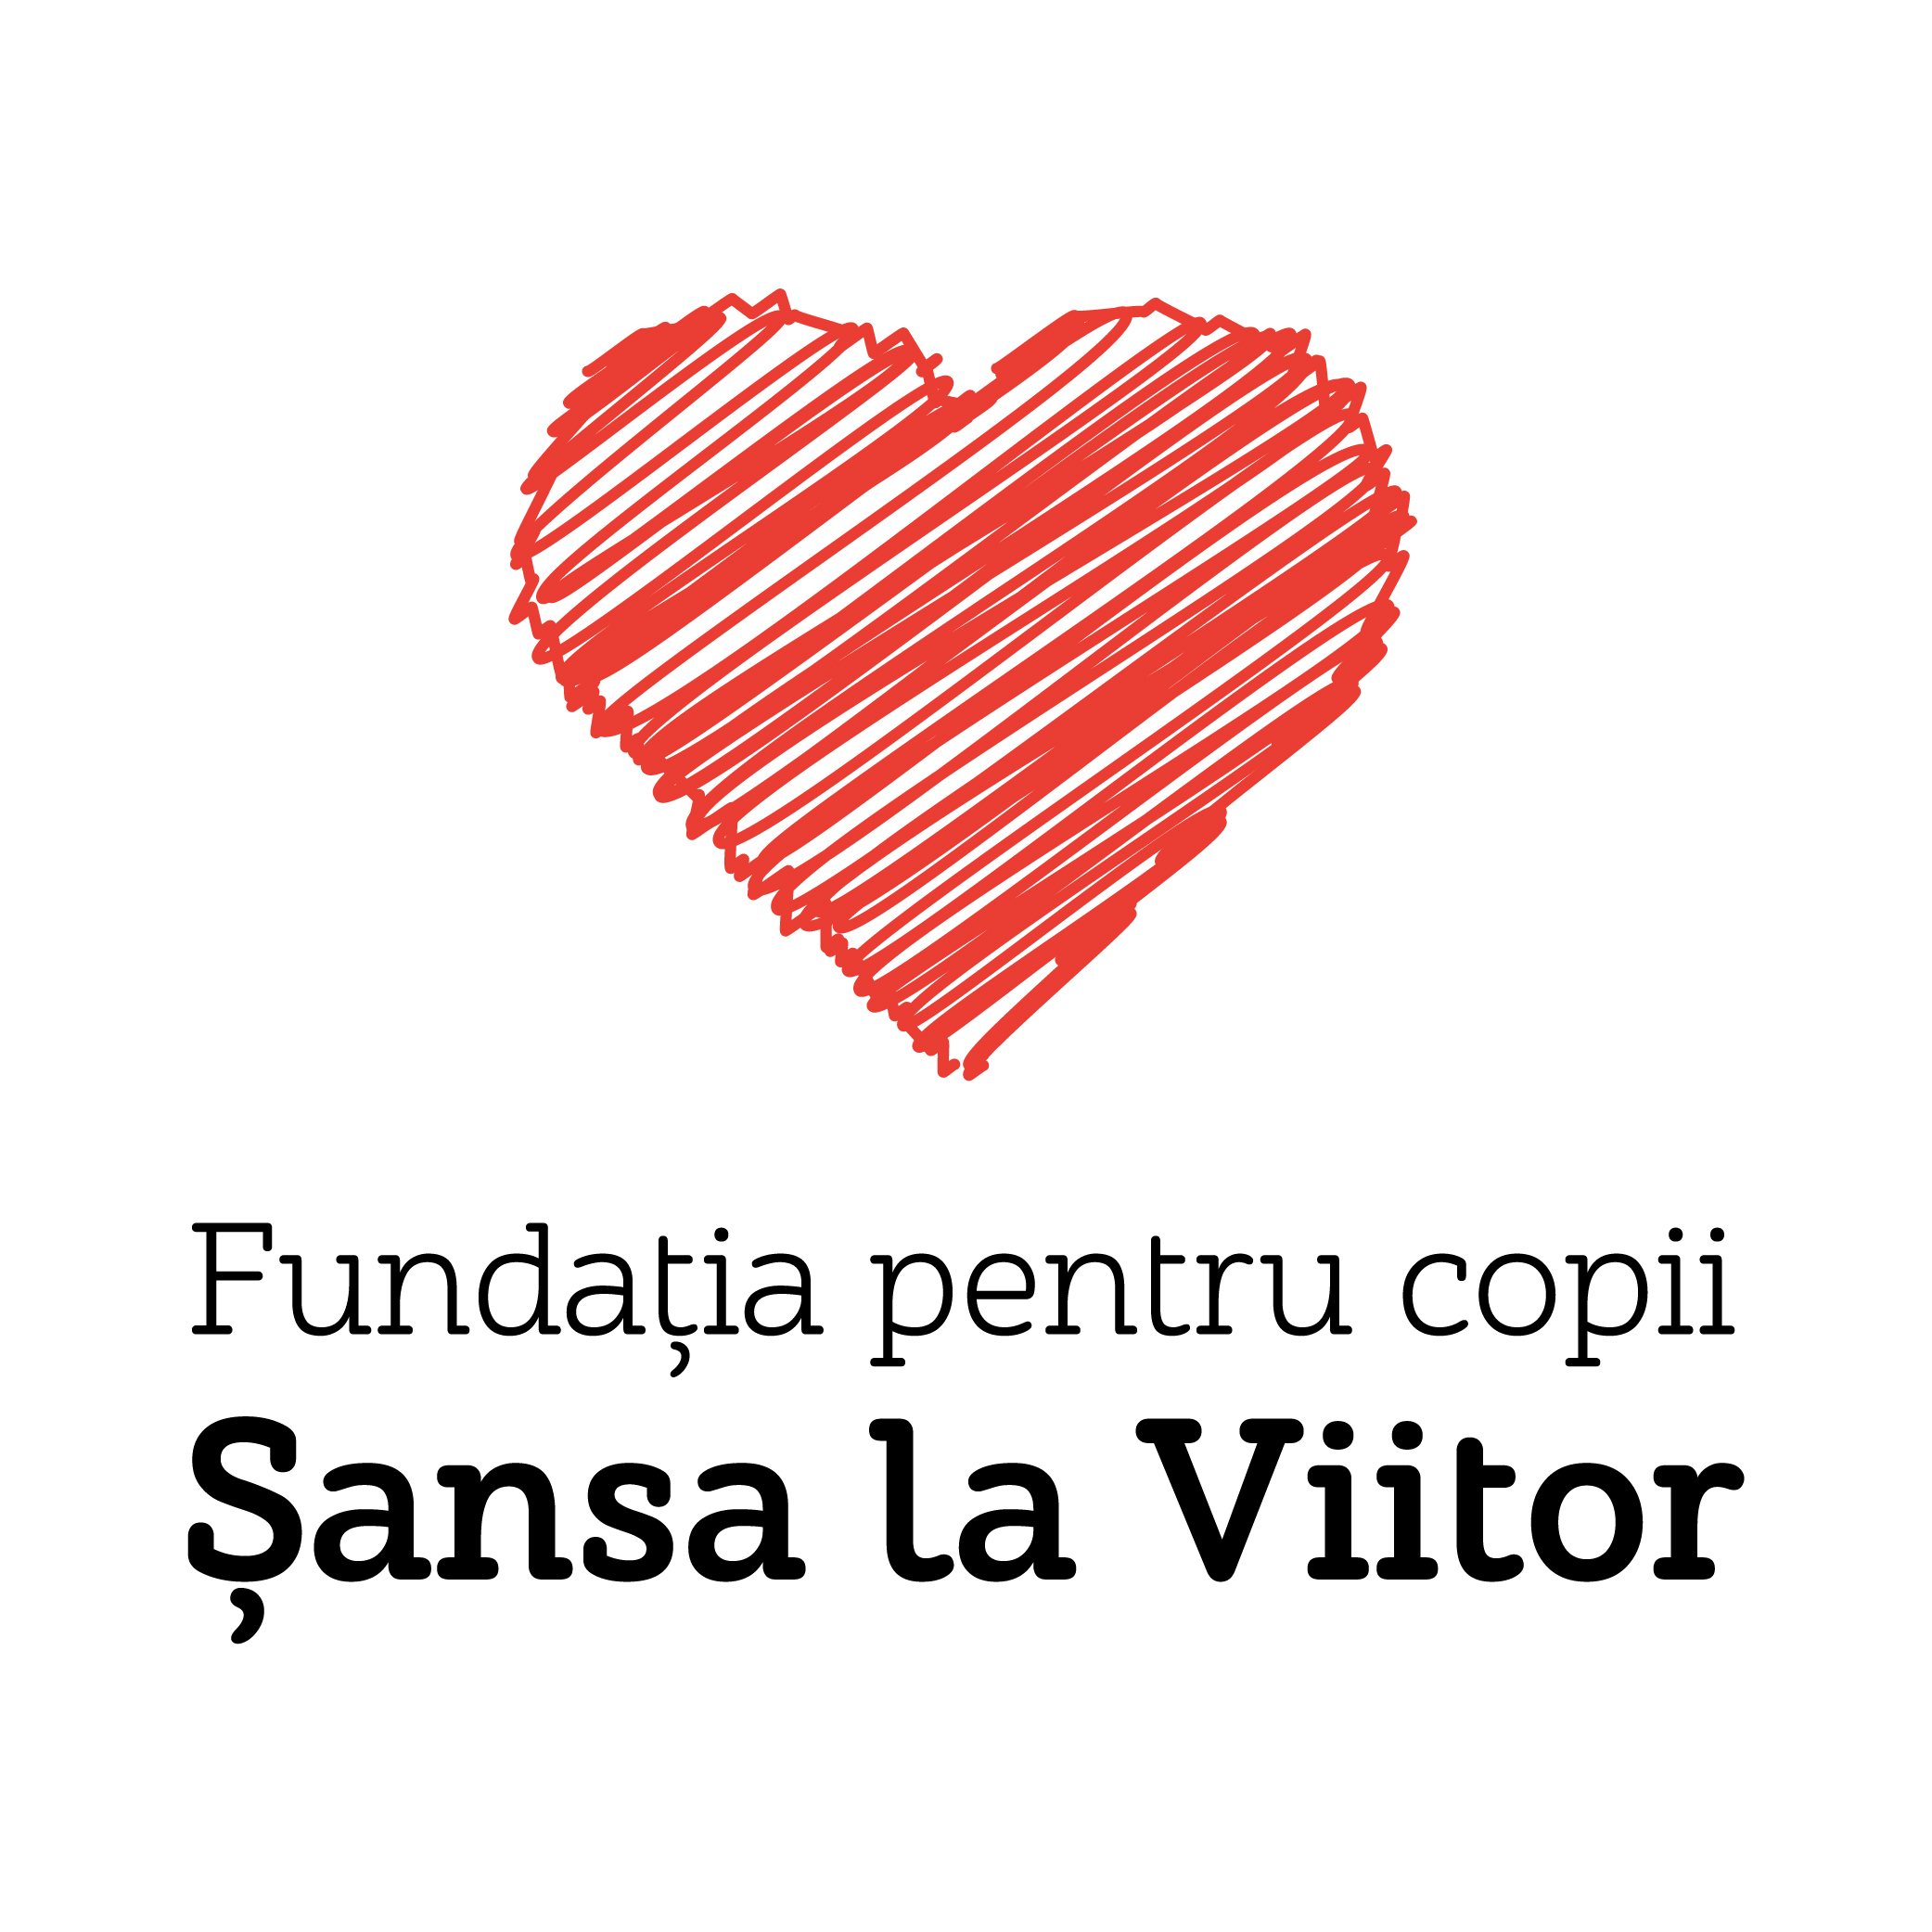 Fundatia pentru copii Sansa la Viitor logo